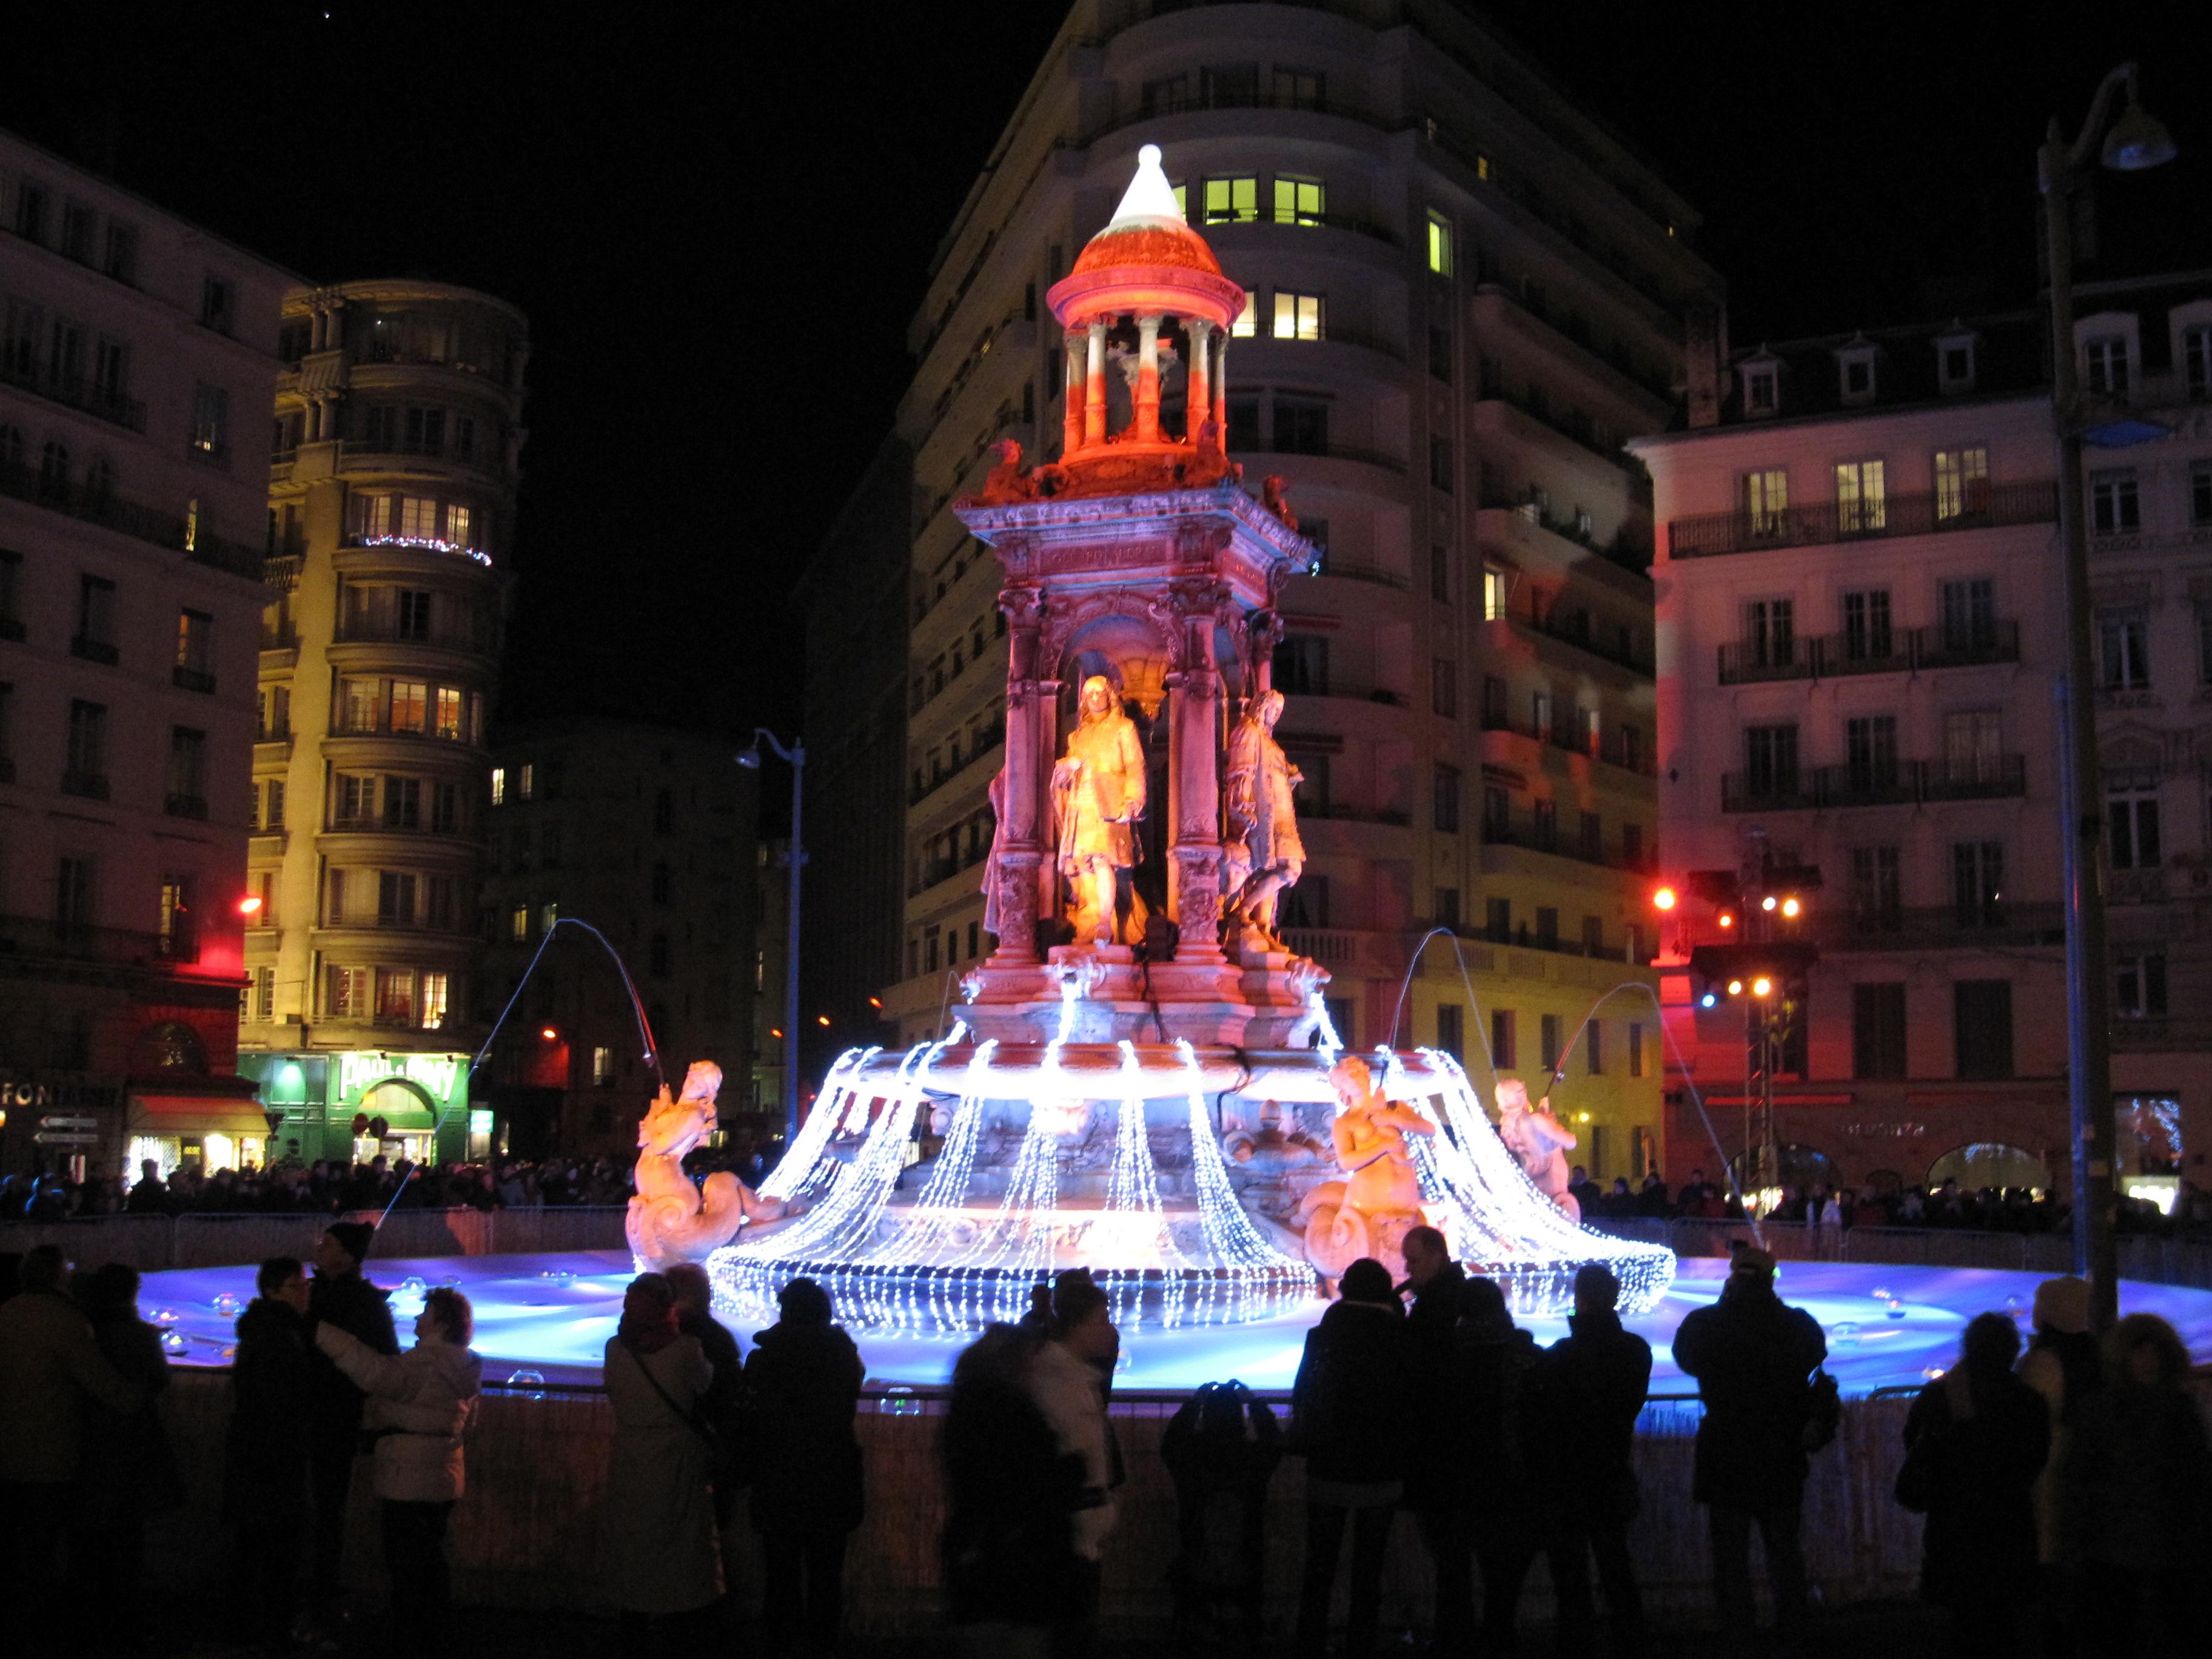 http://upload.wikimedia.org/wikipedia/commons/9/9e/La_fontaine_des_Jacobins_pendant_la_f%C3%AAte_des_lumi%C3%A8res_2010_%C3%A0_Lyon_(2%C3%A8me_arrondissement).JPG